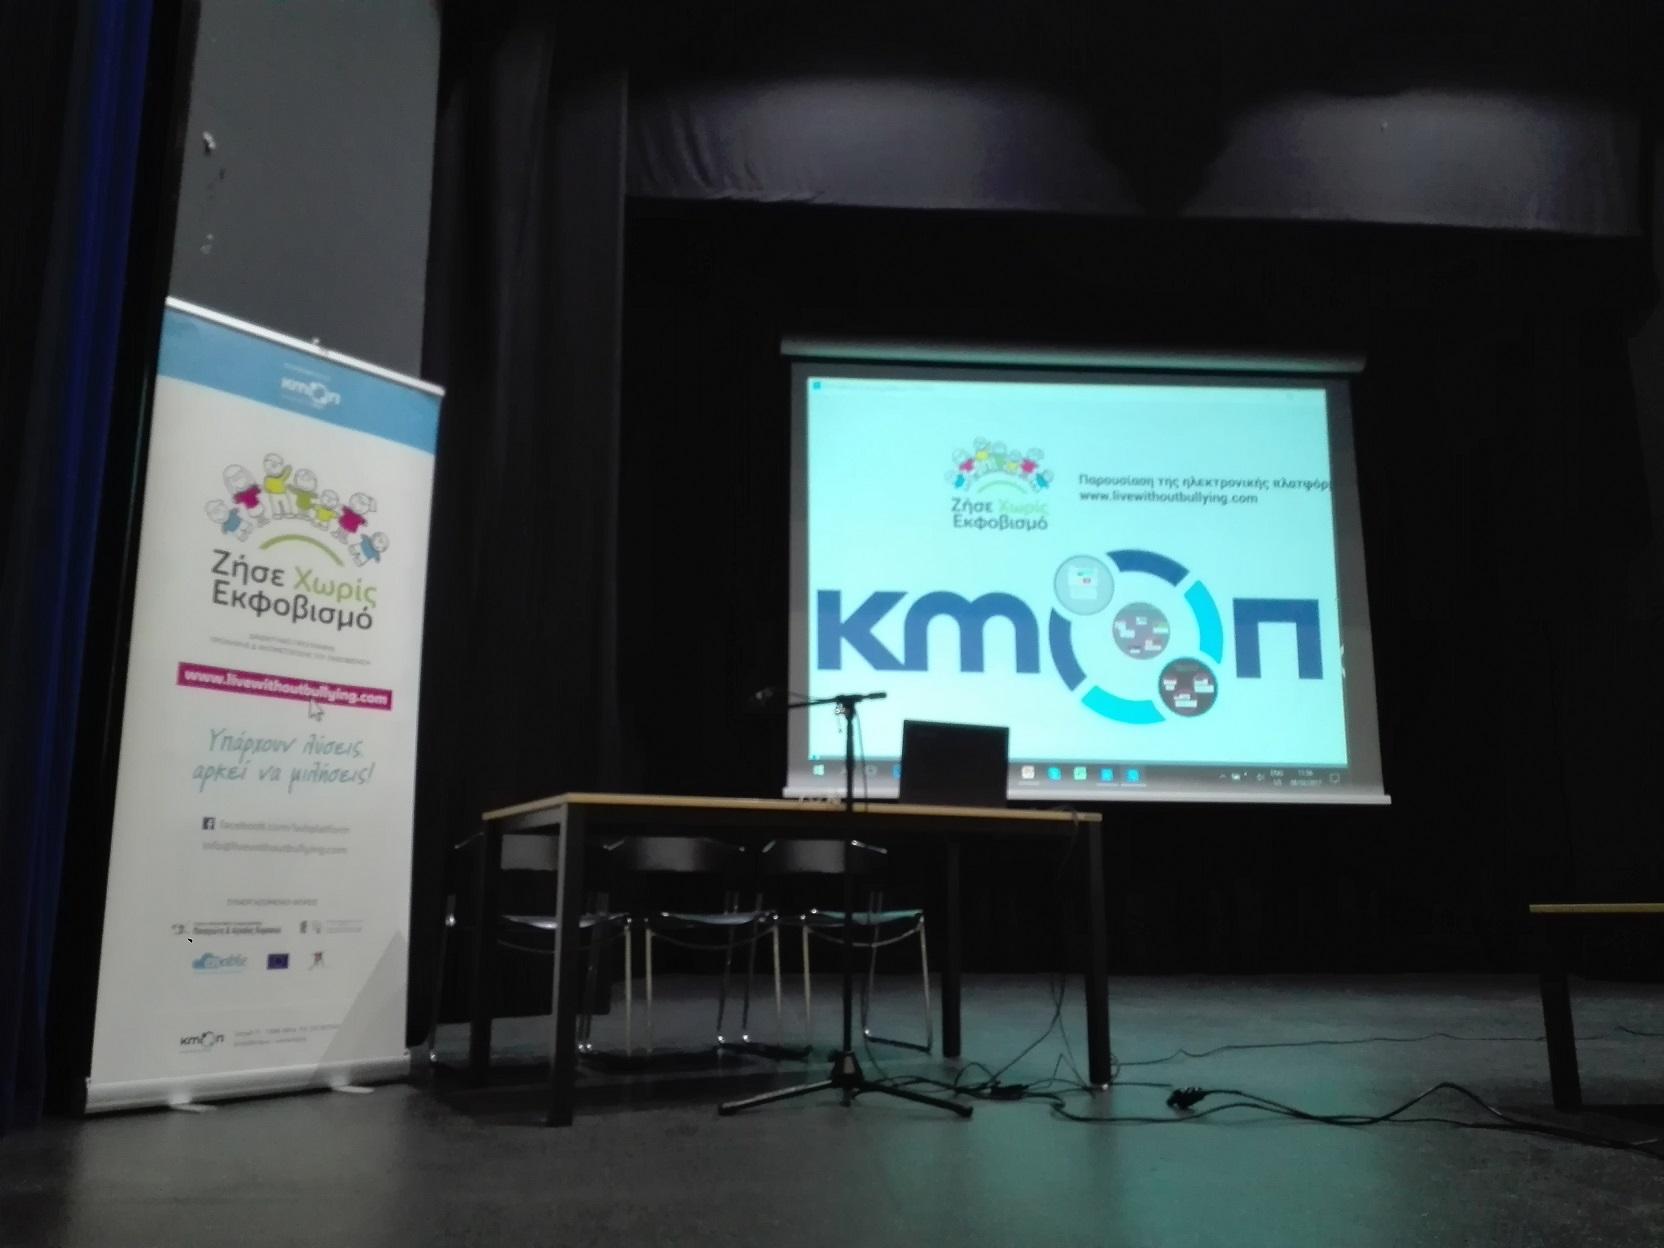 Παρουσίαση του προγράμματος «Ζήσε Χωρίς Εκφοβισμό» και της ανανεωμένης ηλεκτρονικής πλατφόρμας στον Πολύγυρο Χαλκιδικής